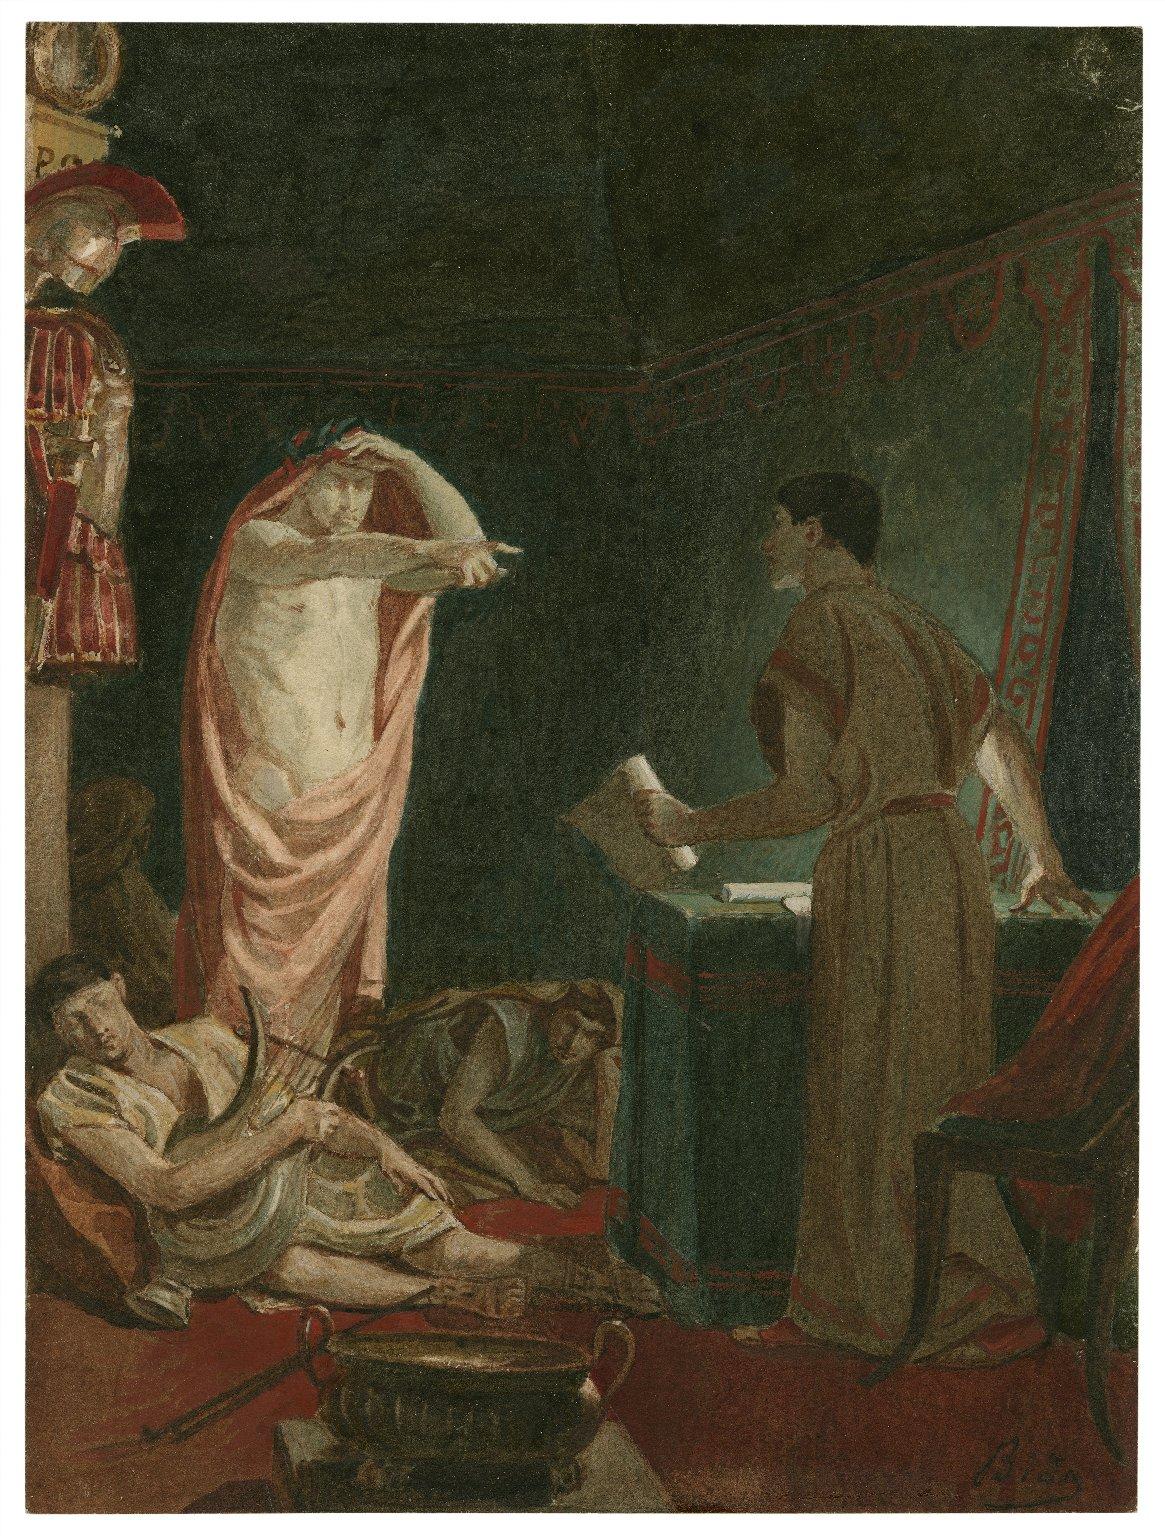 [Julius Caesar, IV, 3, The ghost of Caesar with Brutus] [graphic] / [Alexandre Bida].